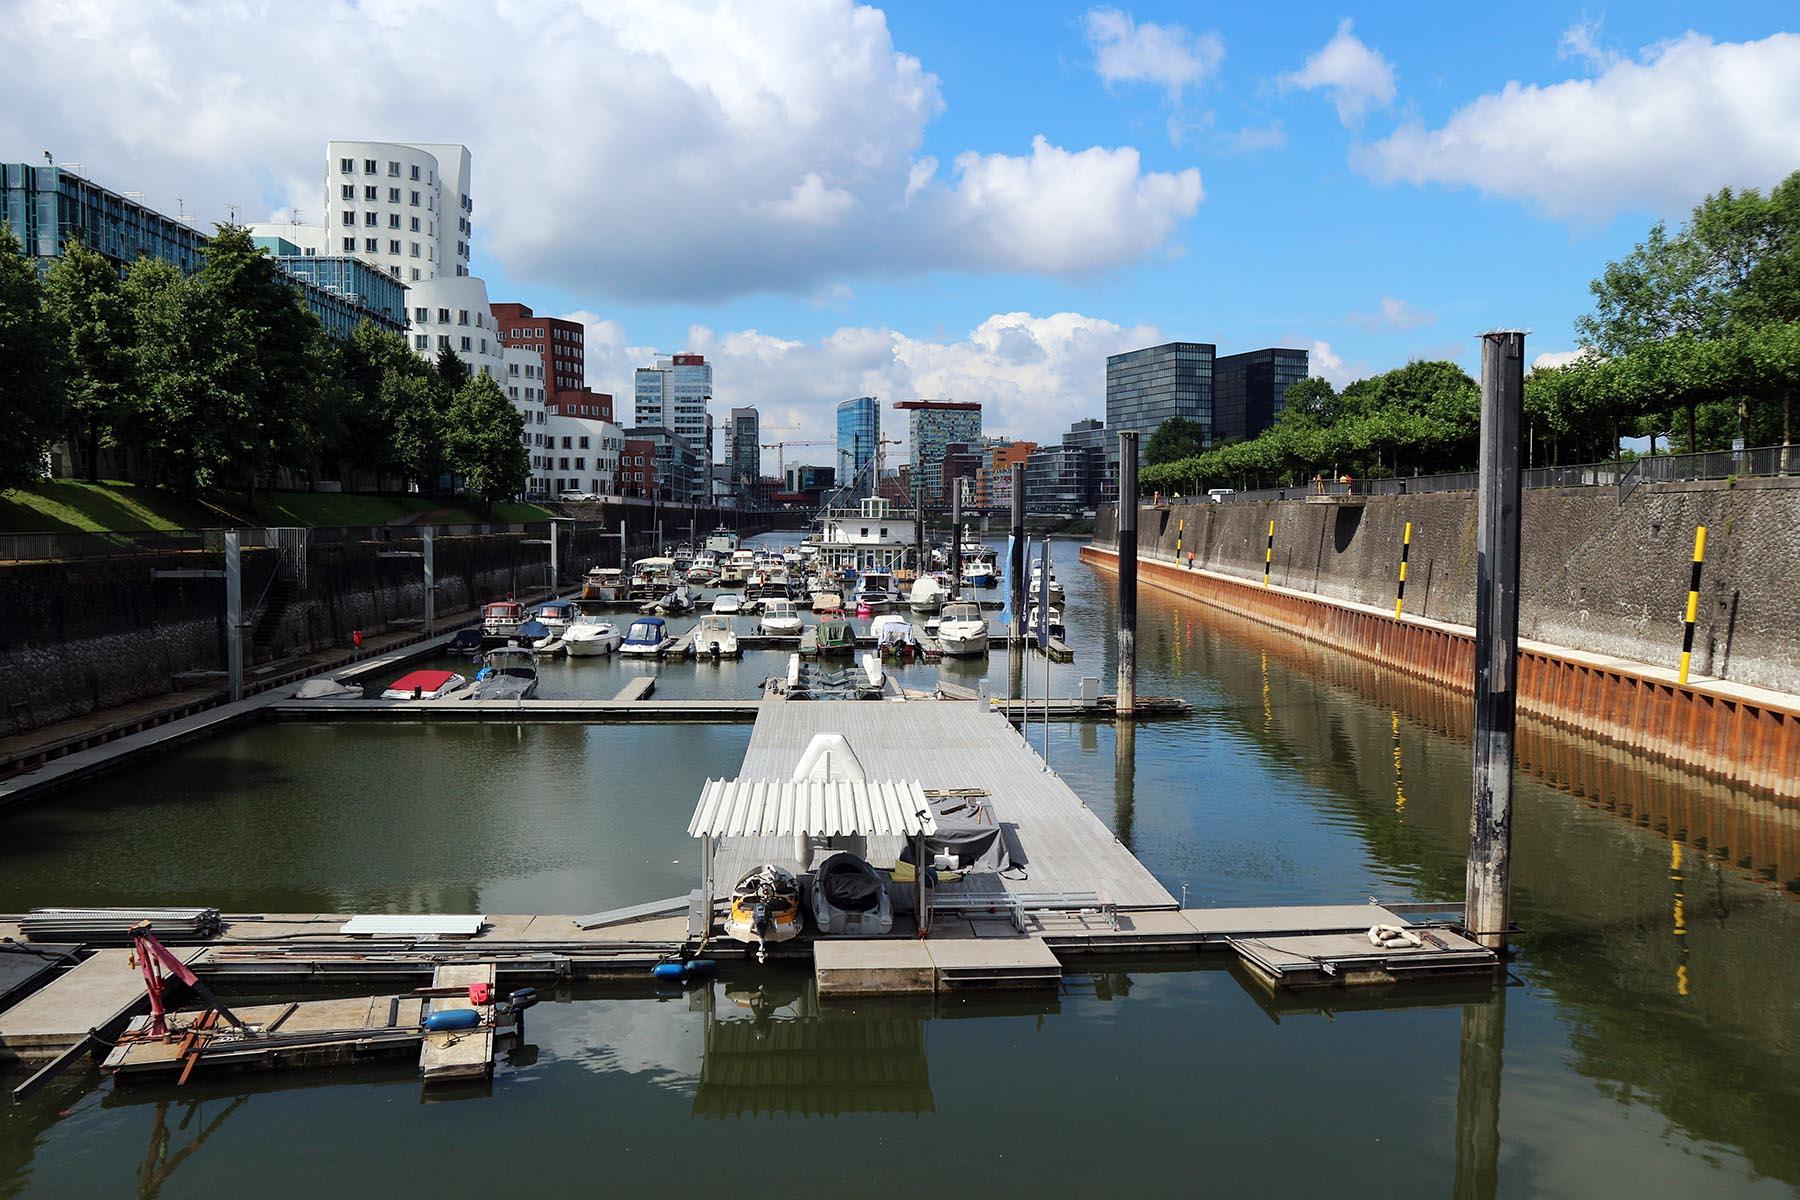 Medienhafen Düsseldorf.  Die Umwandlung begann ab 1990. Im Vergleich zum Rheinauhafen in Köln mit über 20 Hektar und dem Innenhafen Duisburg mit fast 90 Hektar standen hier nur etwa 10 Hektar zur Verfügung. Das Resultat nach fast zwei Jahrzehnten ist ein Areal mit dichter und kontrastreicher Hafenarchitektur mit maritimem Bezug.